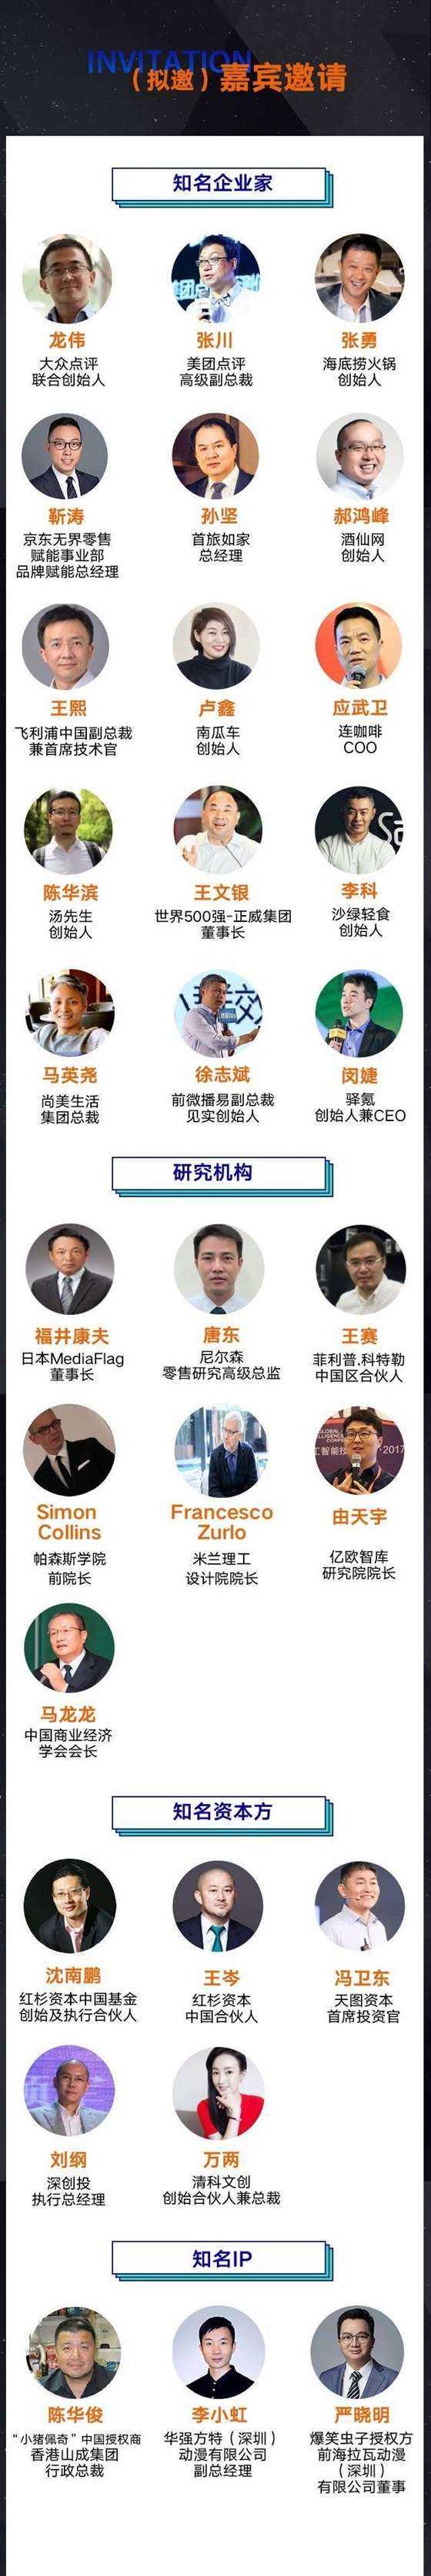 中国连锁节长图11月13日修改无二维码电话_03.jpg